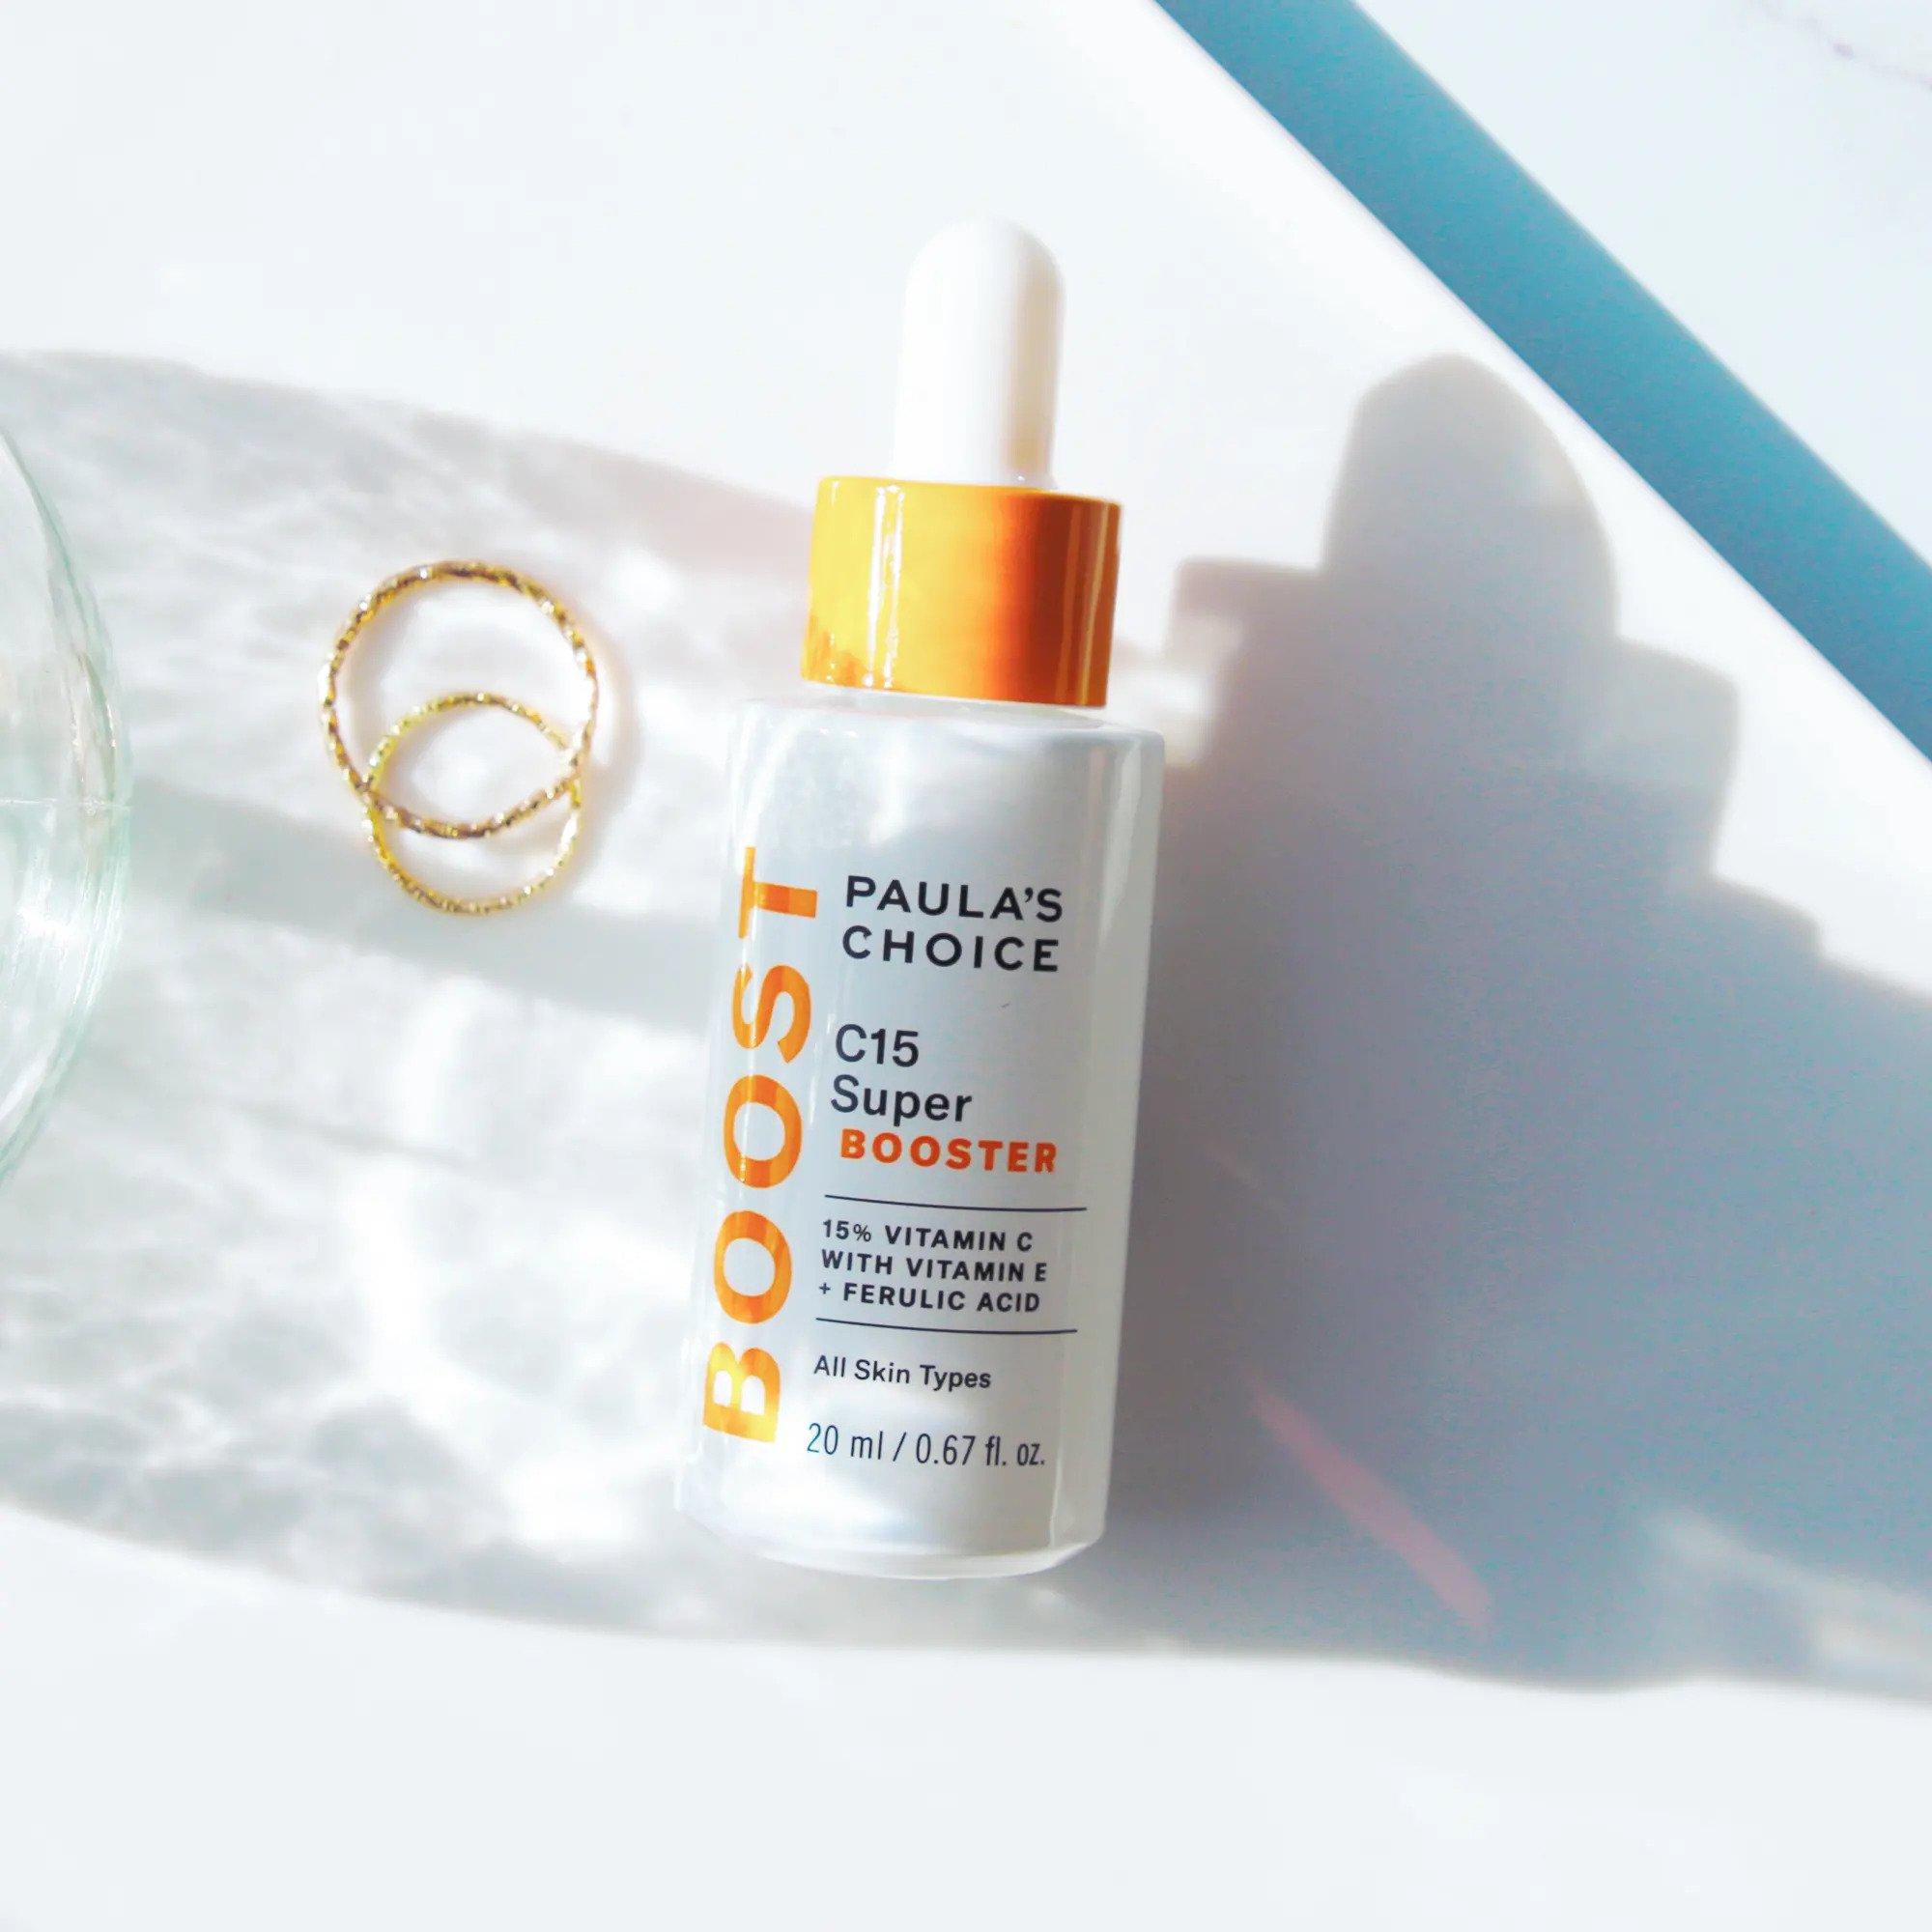 Tinh chất Paula's Choice C15 dưỡng sáng da tự nhiên, bảo vệ da toàn diện